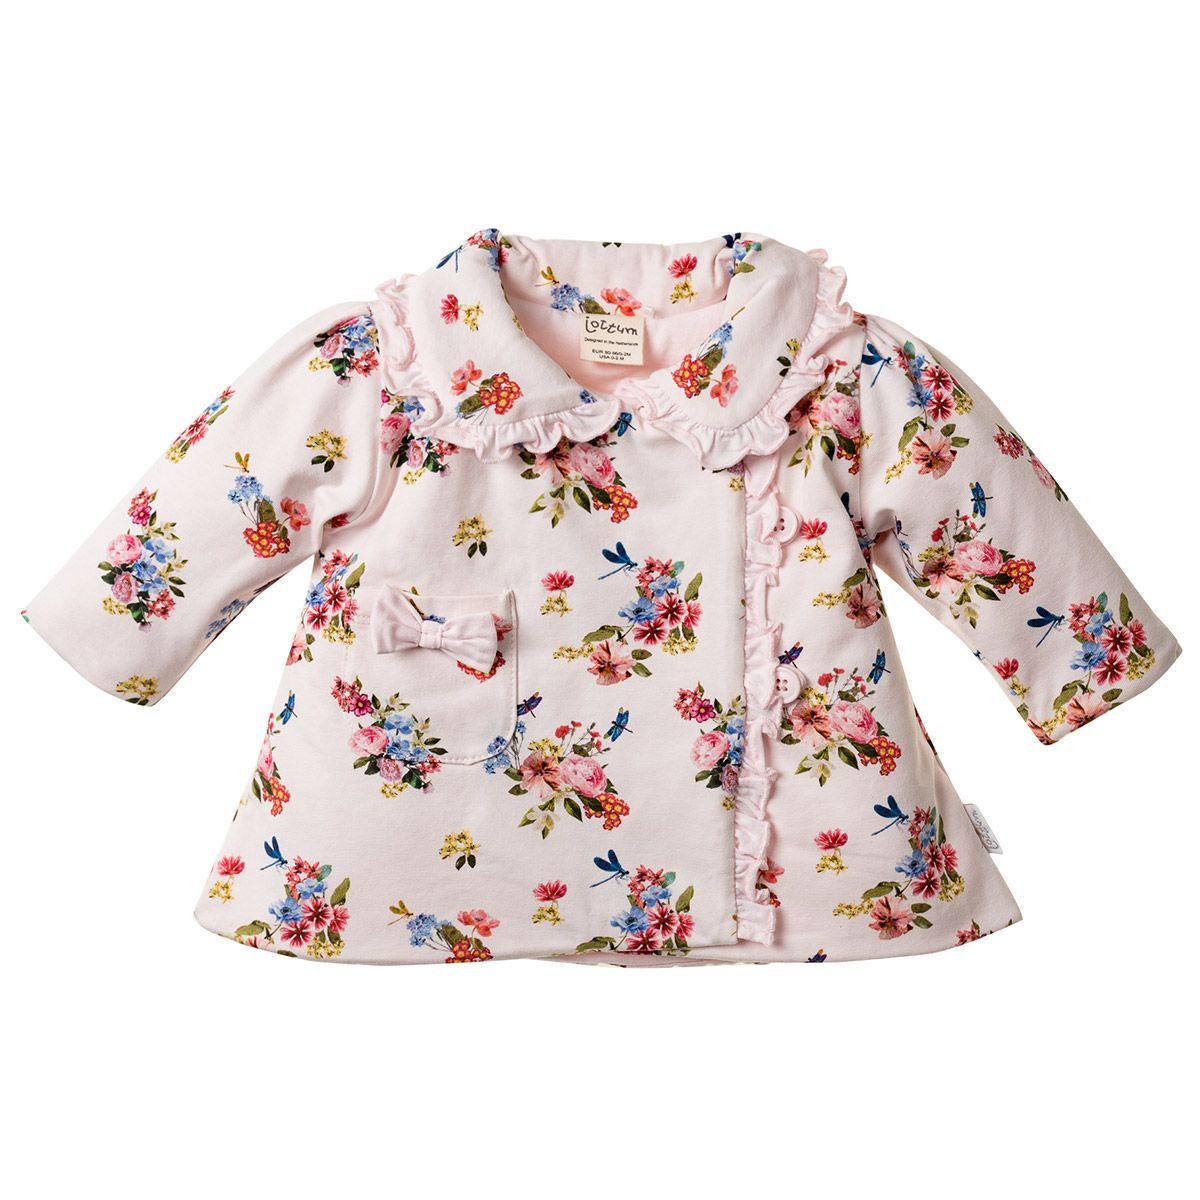 91d2d0407bd Jottum Jas roze - kleertjes.com